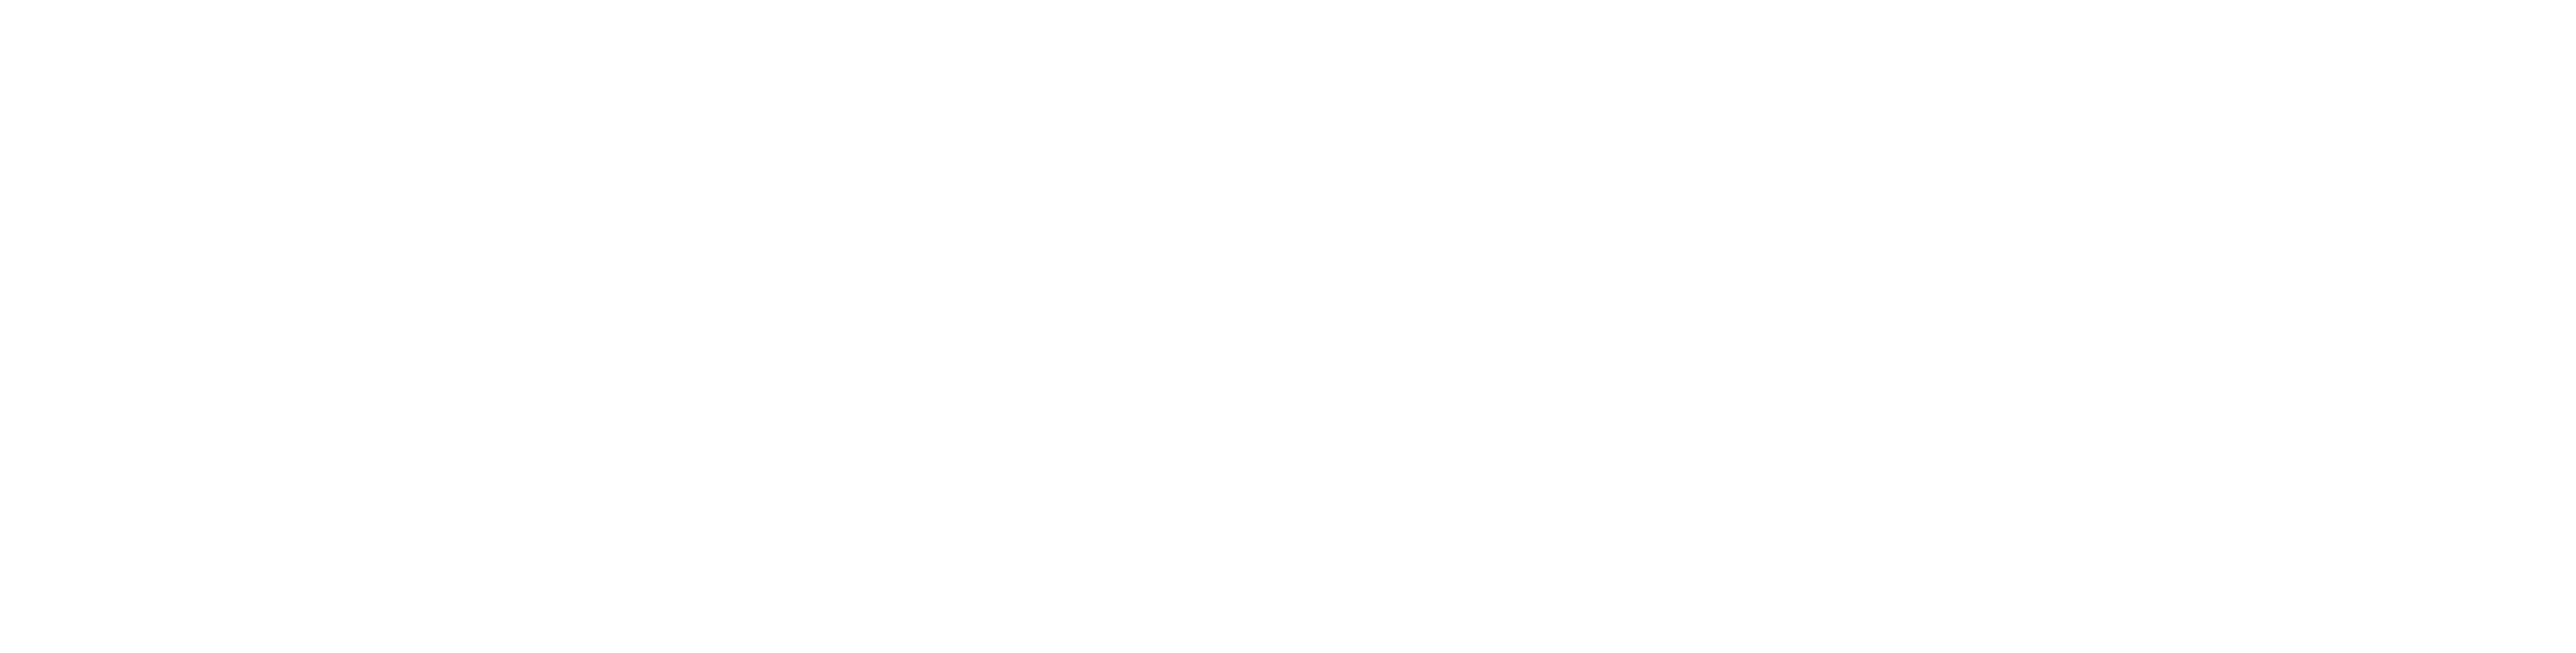 Unique Mobile Sounds